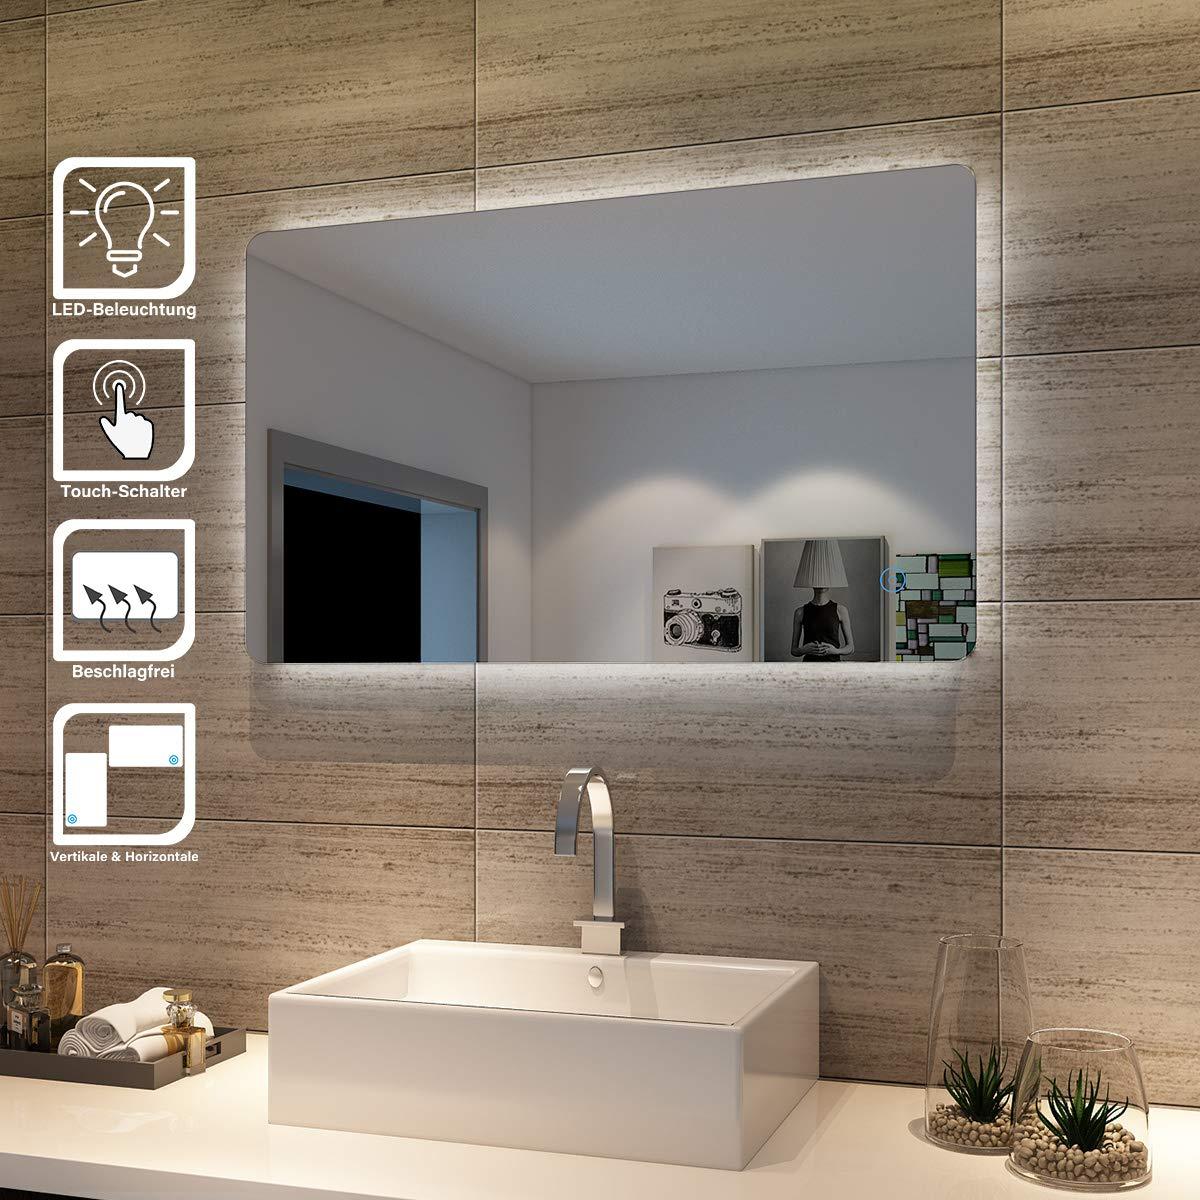 UHR MAKEUP SPIEGEL 77 Badspiegel mit LED Beleuchtung Lichtspiegel mit SCHALTER